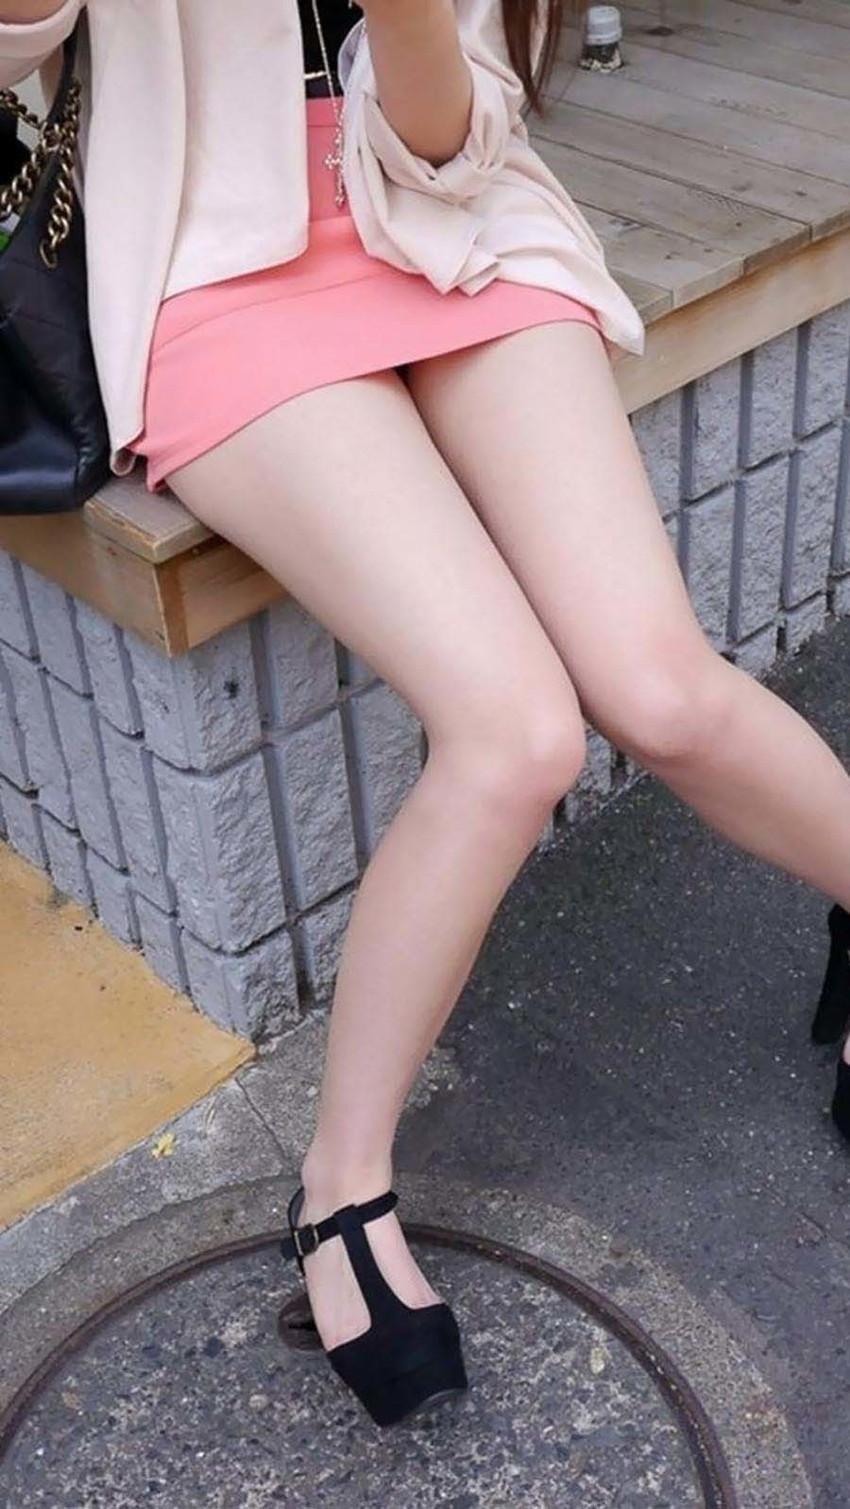 【美脚エロ画像】もう舐めまわしてもいい!って本気で思える美脚女子の脚! 22